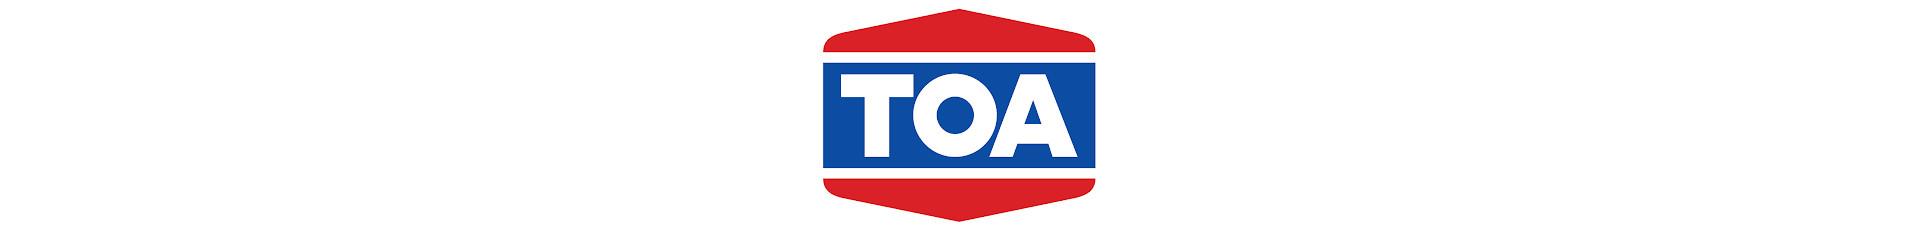 build-shop-banner-logo-thuong-hieu-son-toa